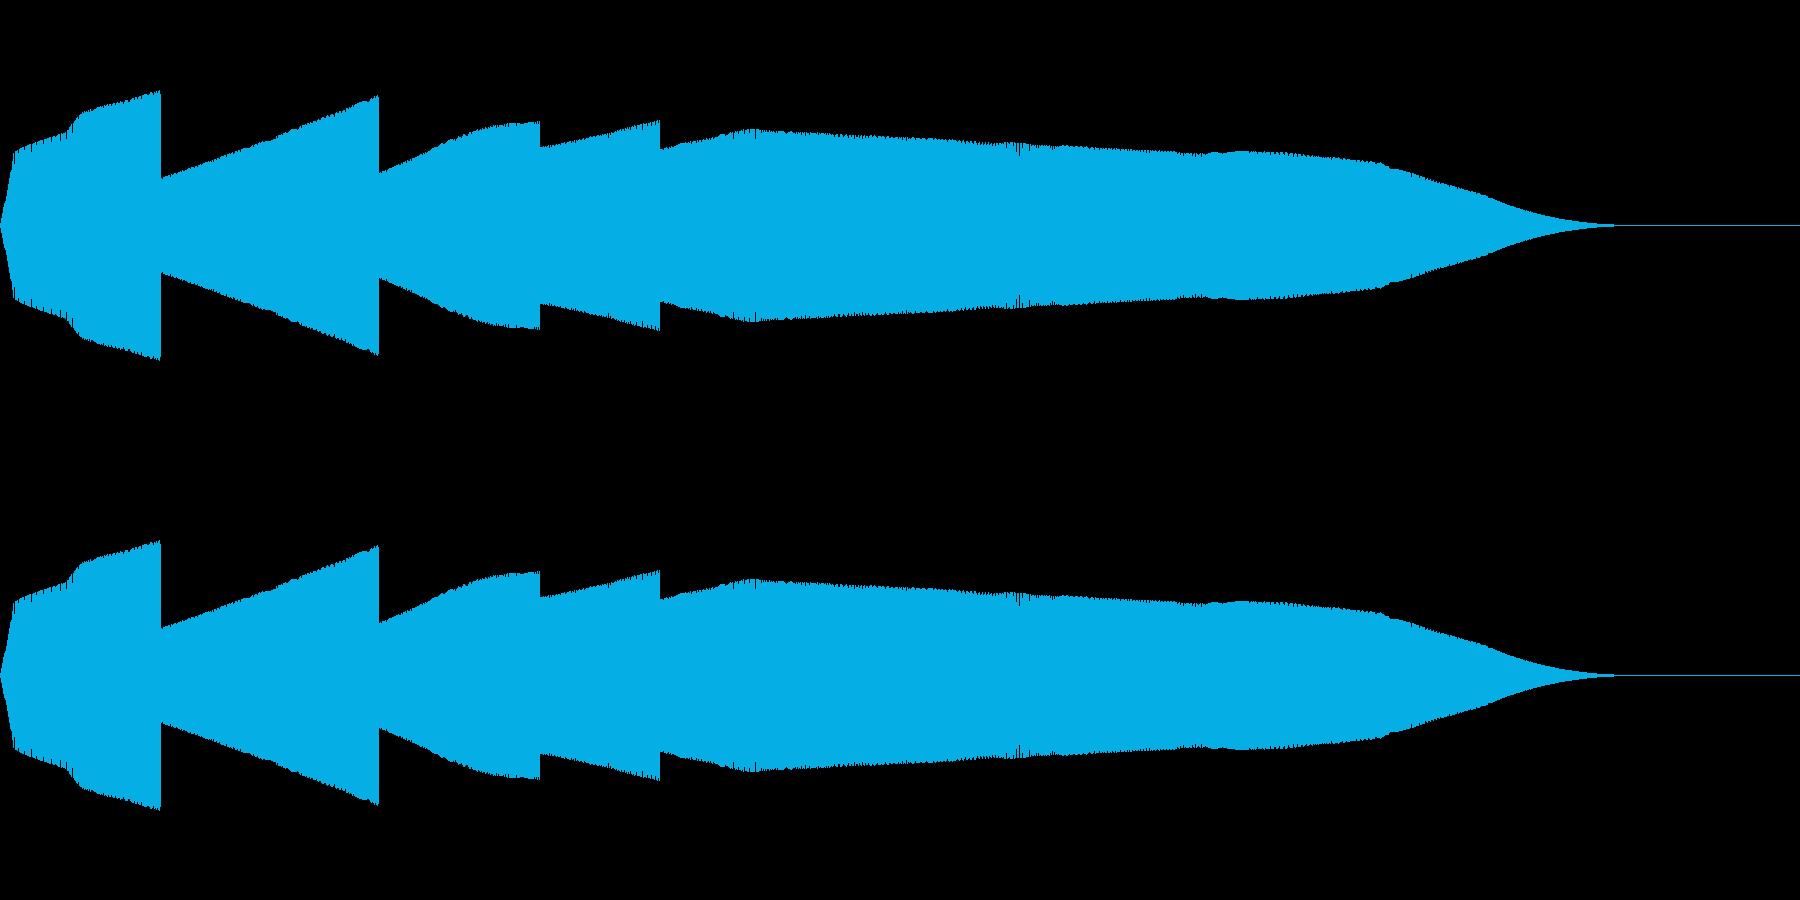 ピュイ(ファミコン/鳴き声/動物/ノイズの再生済みの波形